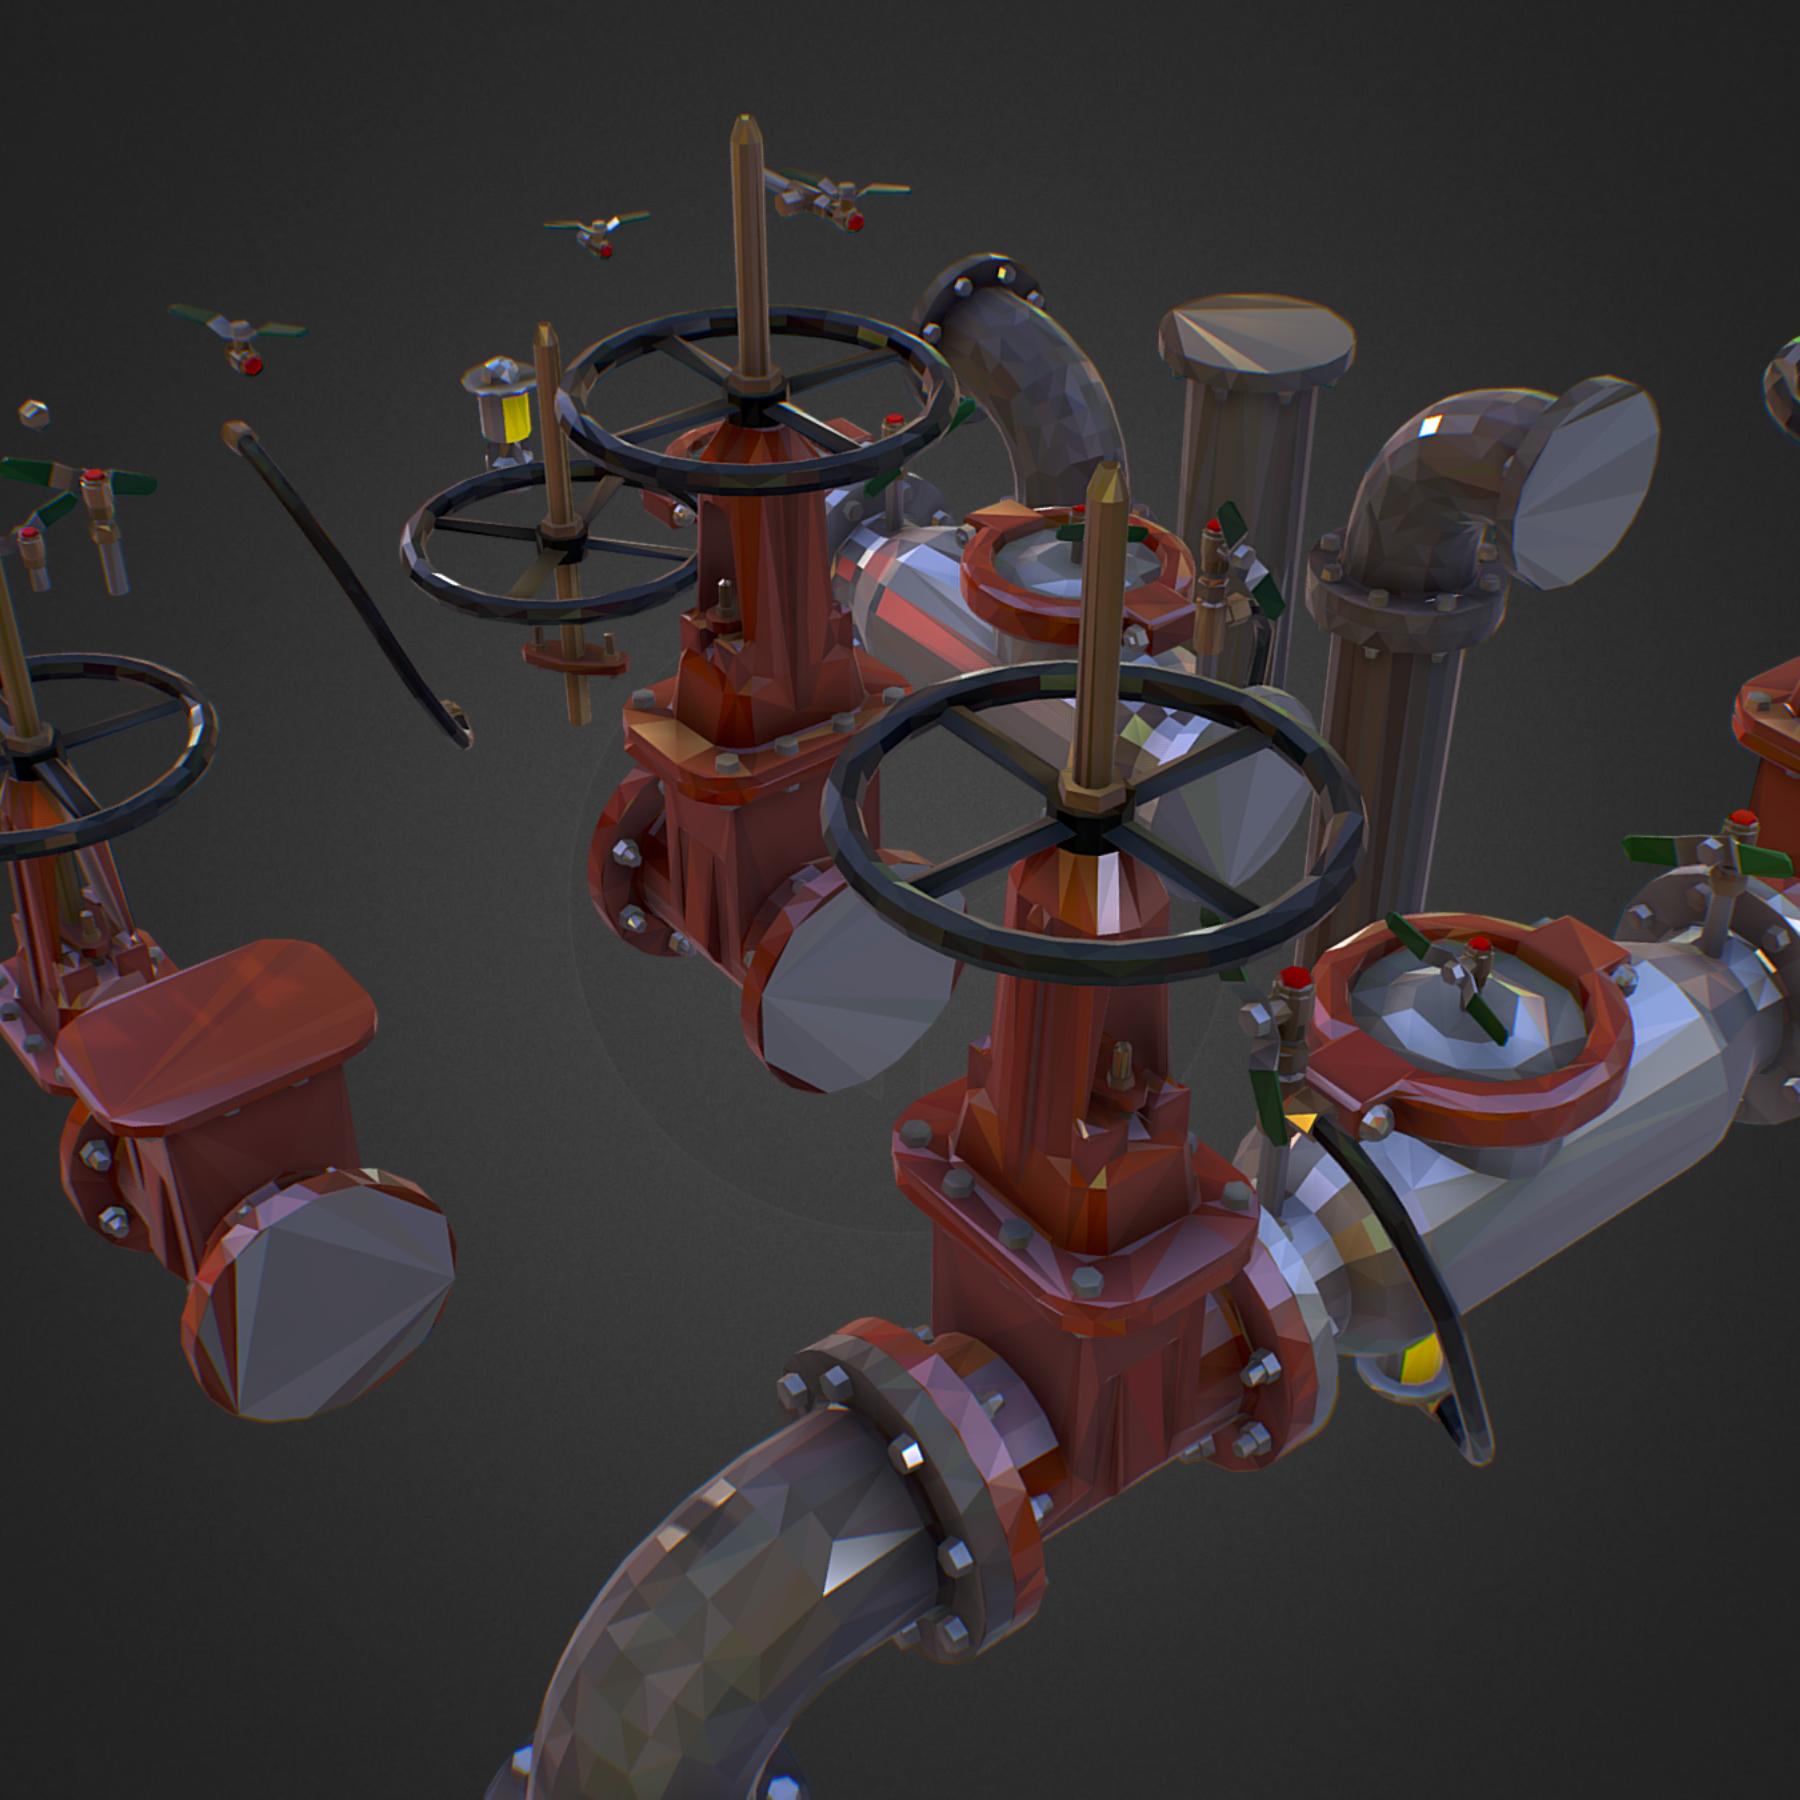 χαμηλός πολυεστιακός κατασκευαστής σωληνώσεων νερού επιστροφής ροής 3d max fbx ma mb tga targa icb vda vst pix obj 272542